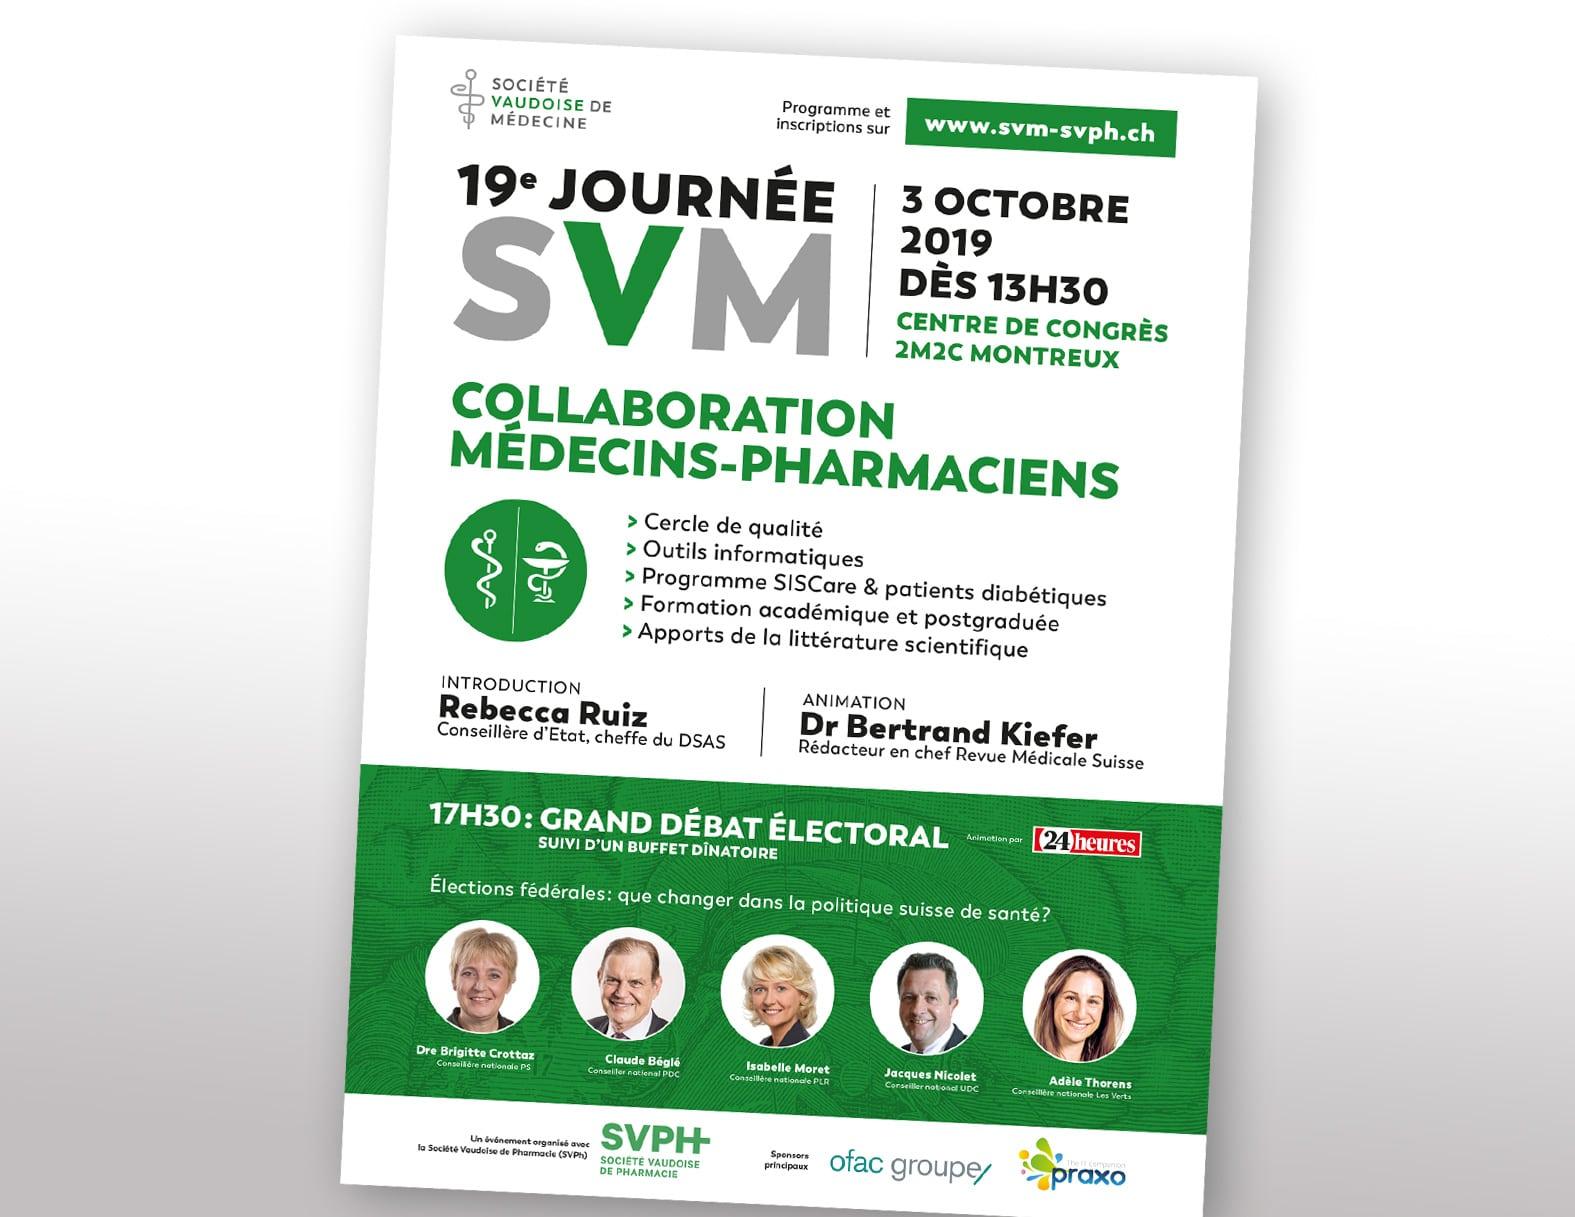 Société Vaudoise des Médecine – Communication de la journée SVM 2019, pour et avec ftc communication